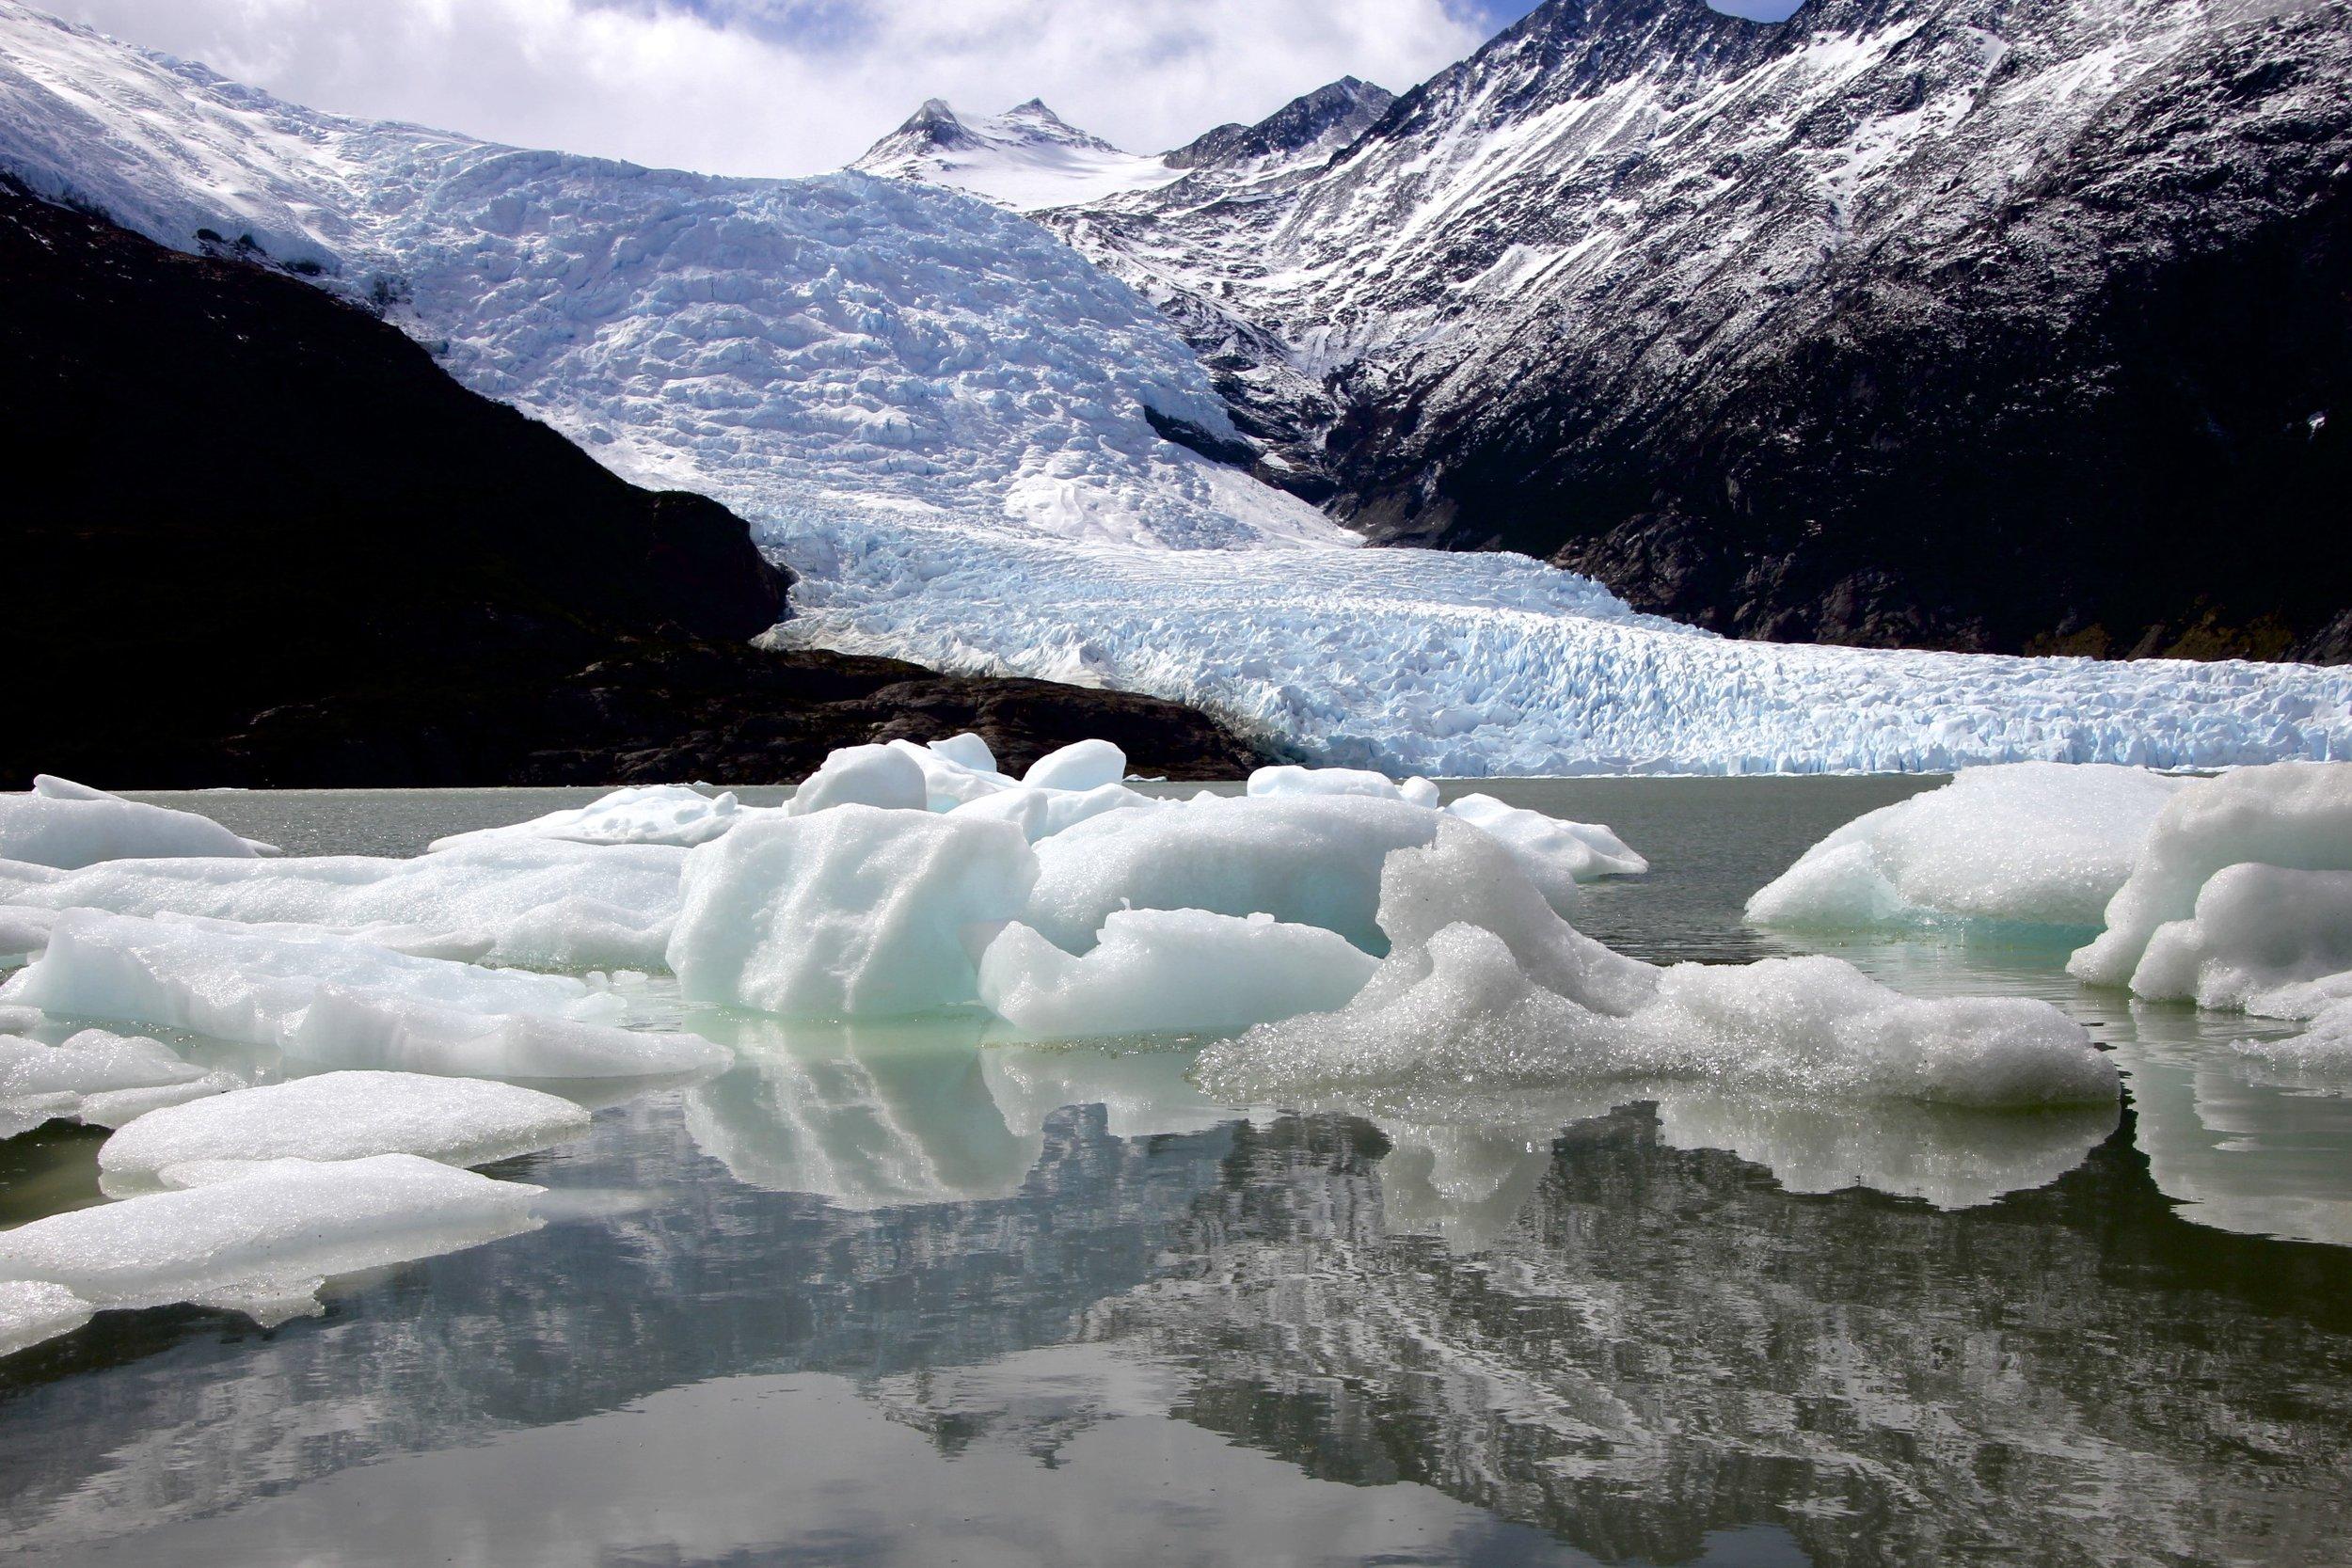 Darwin Range on the Tierra del Fuego